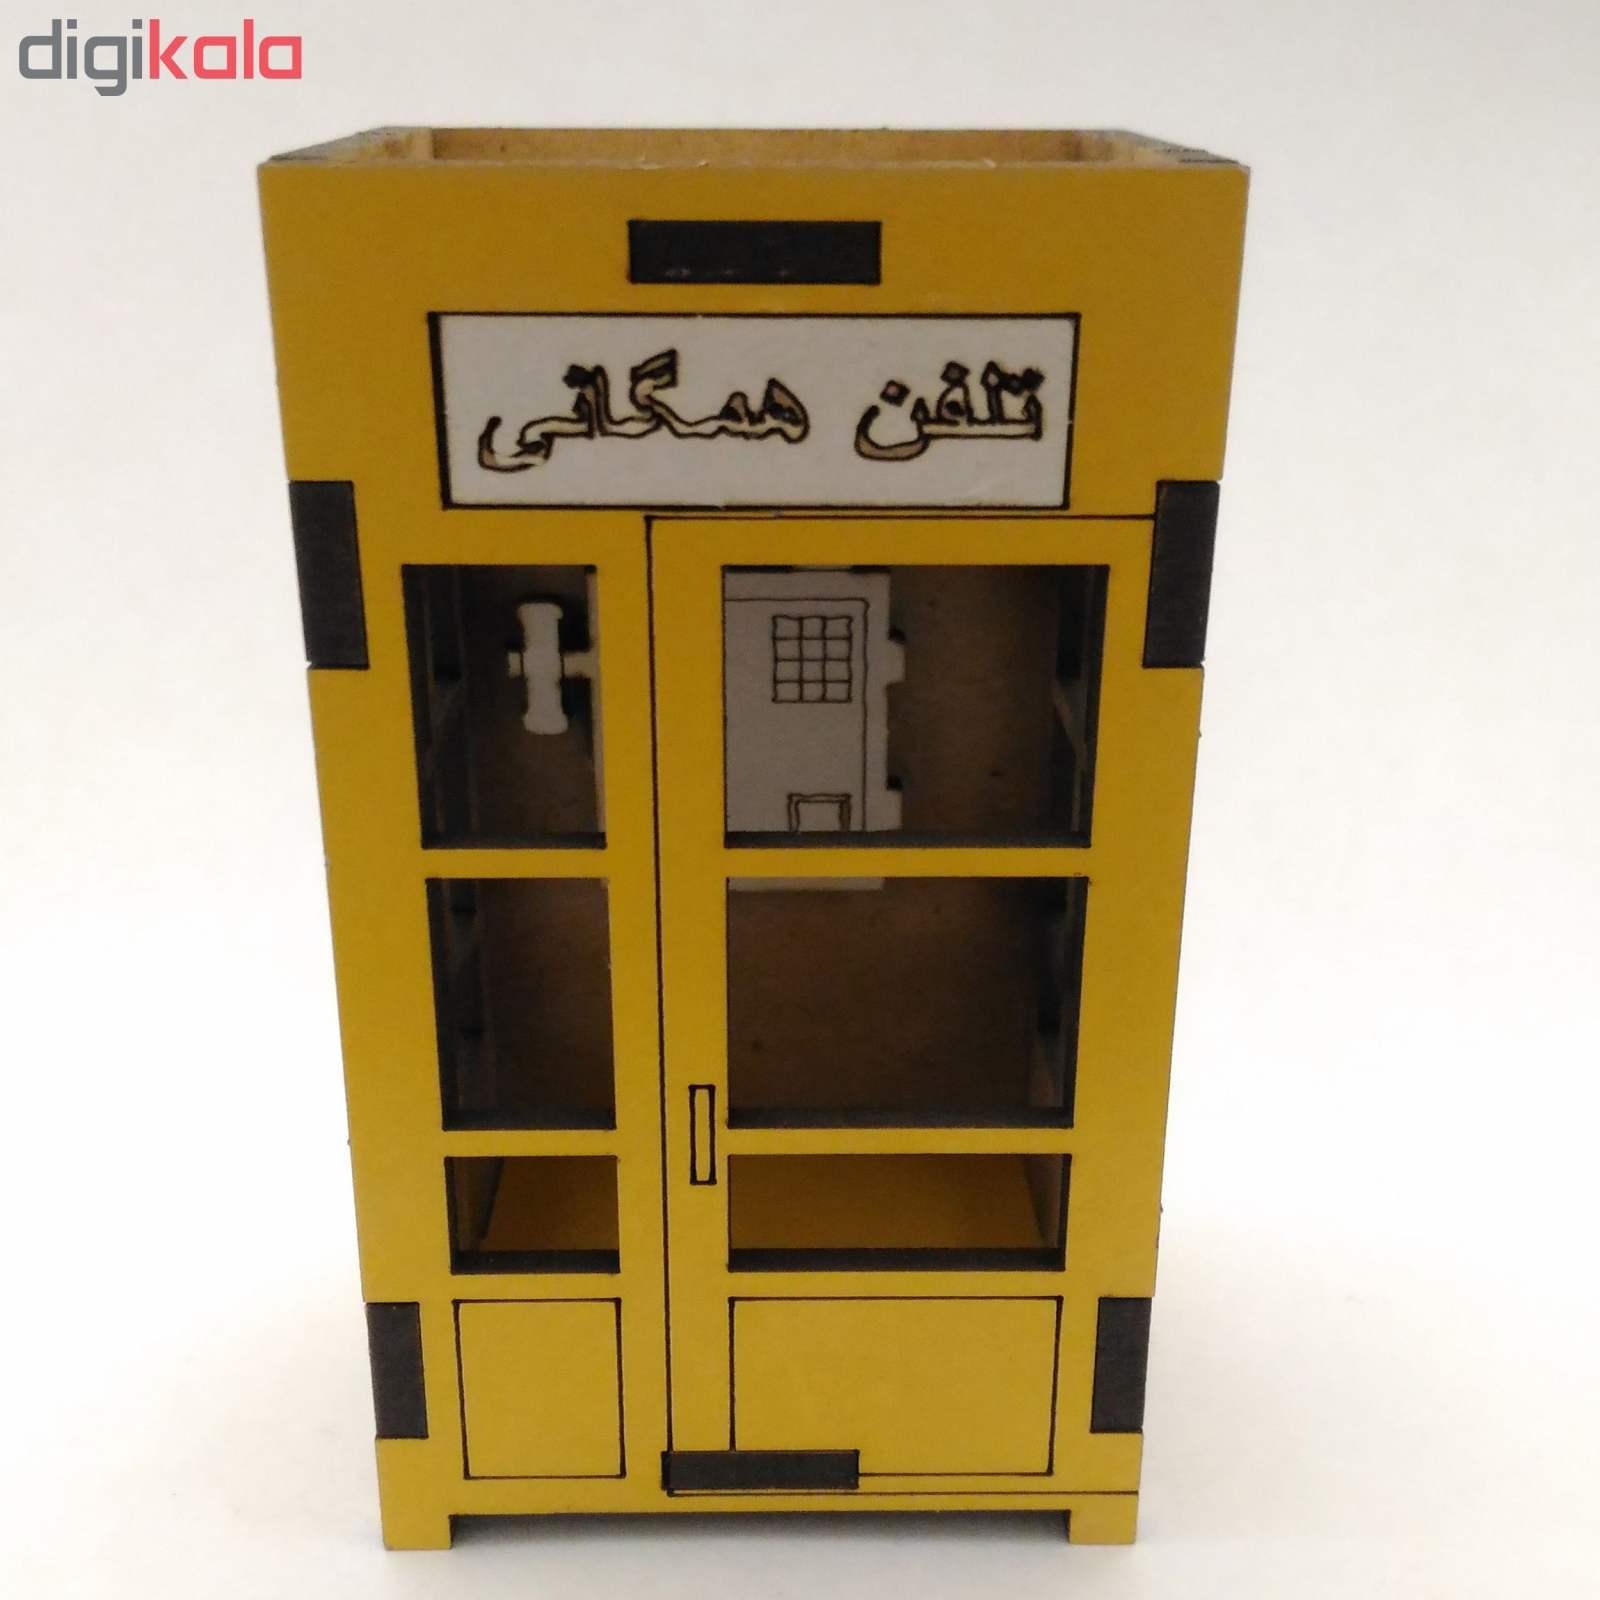 ماکت دکوری باجه تلفن همگانی کد ck009 thumb 2